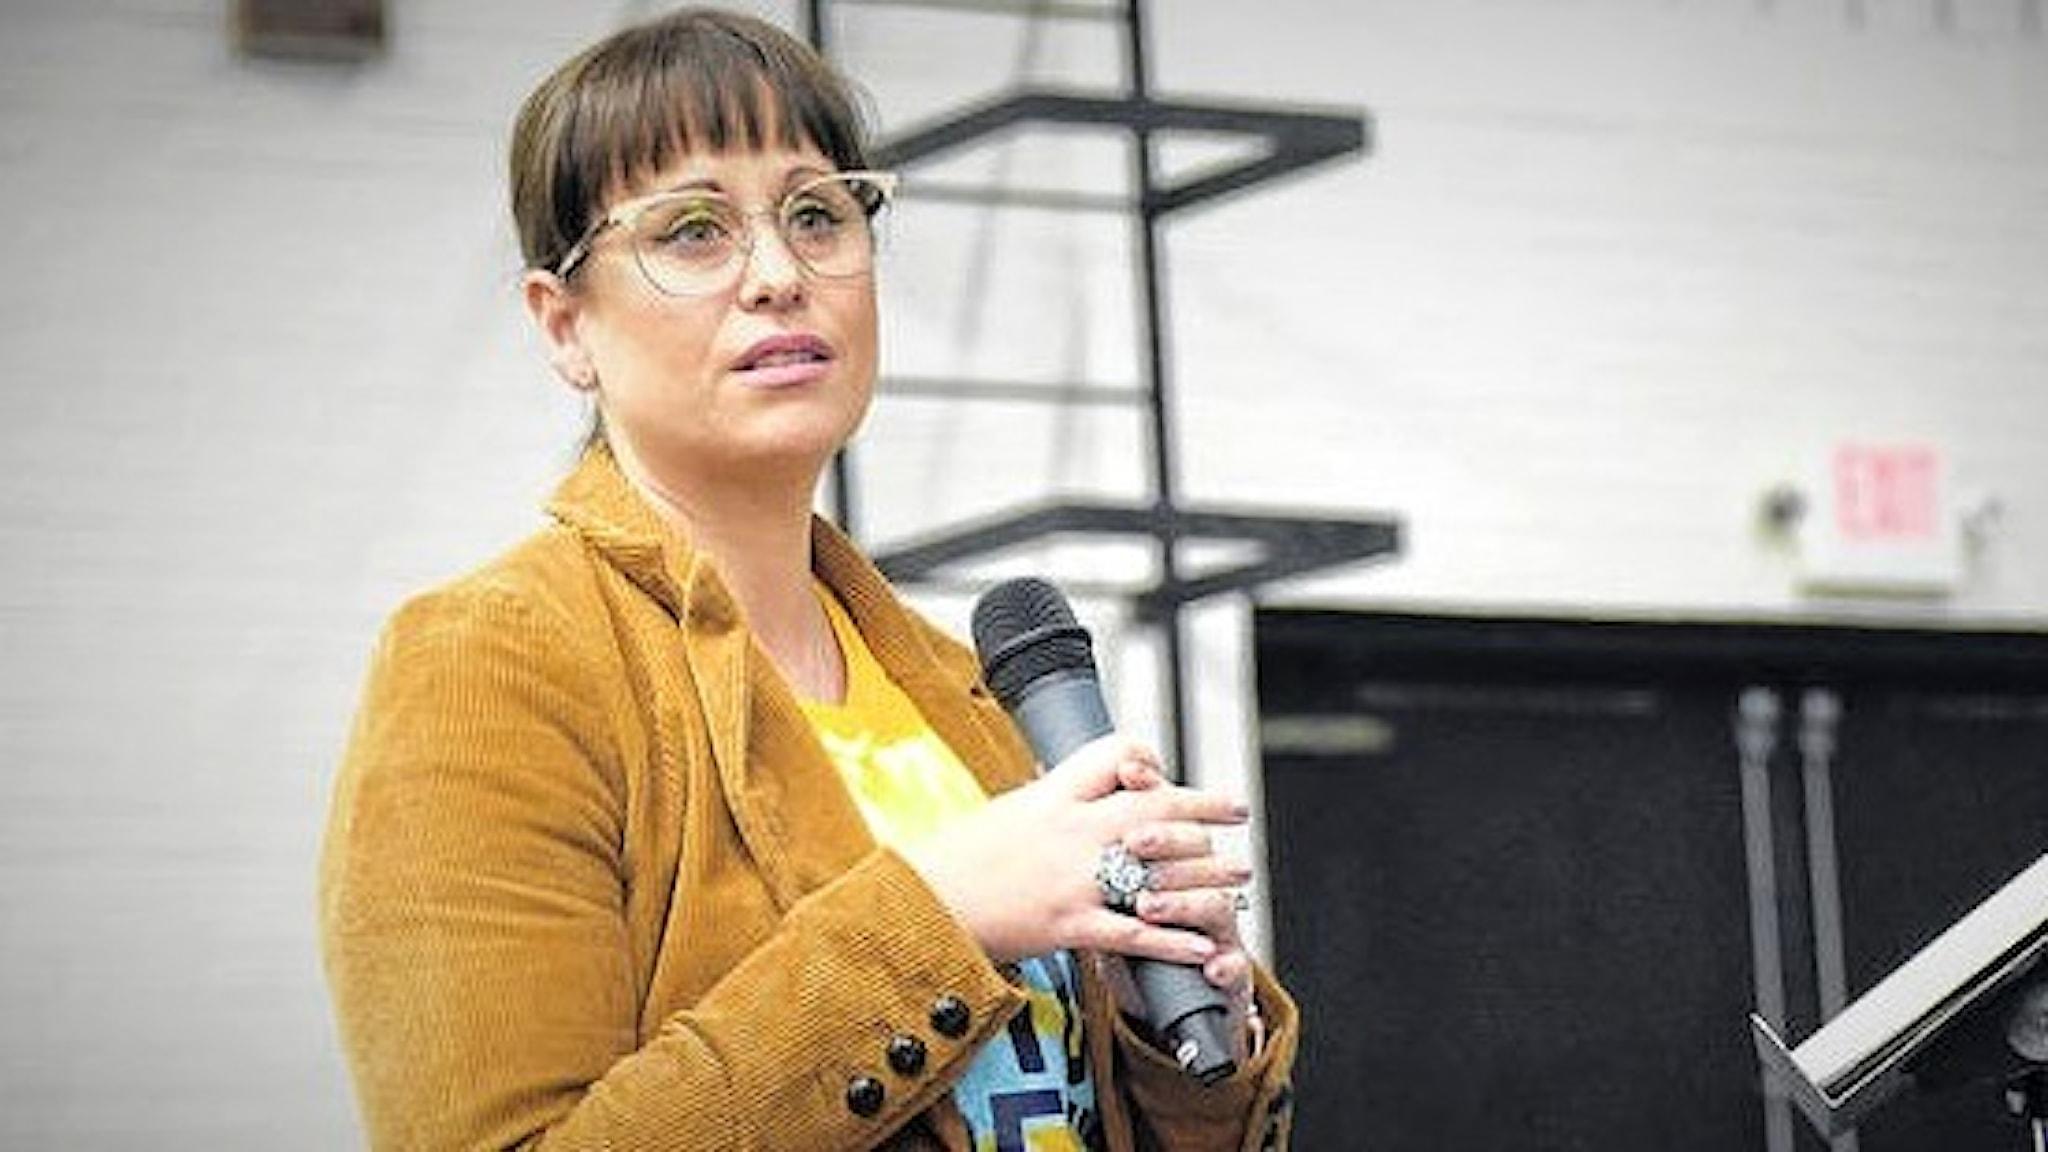 Beth Markesino